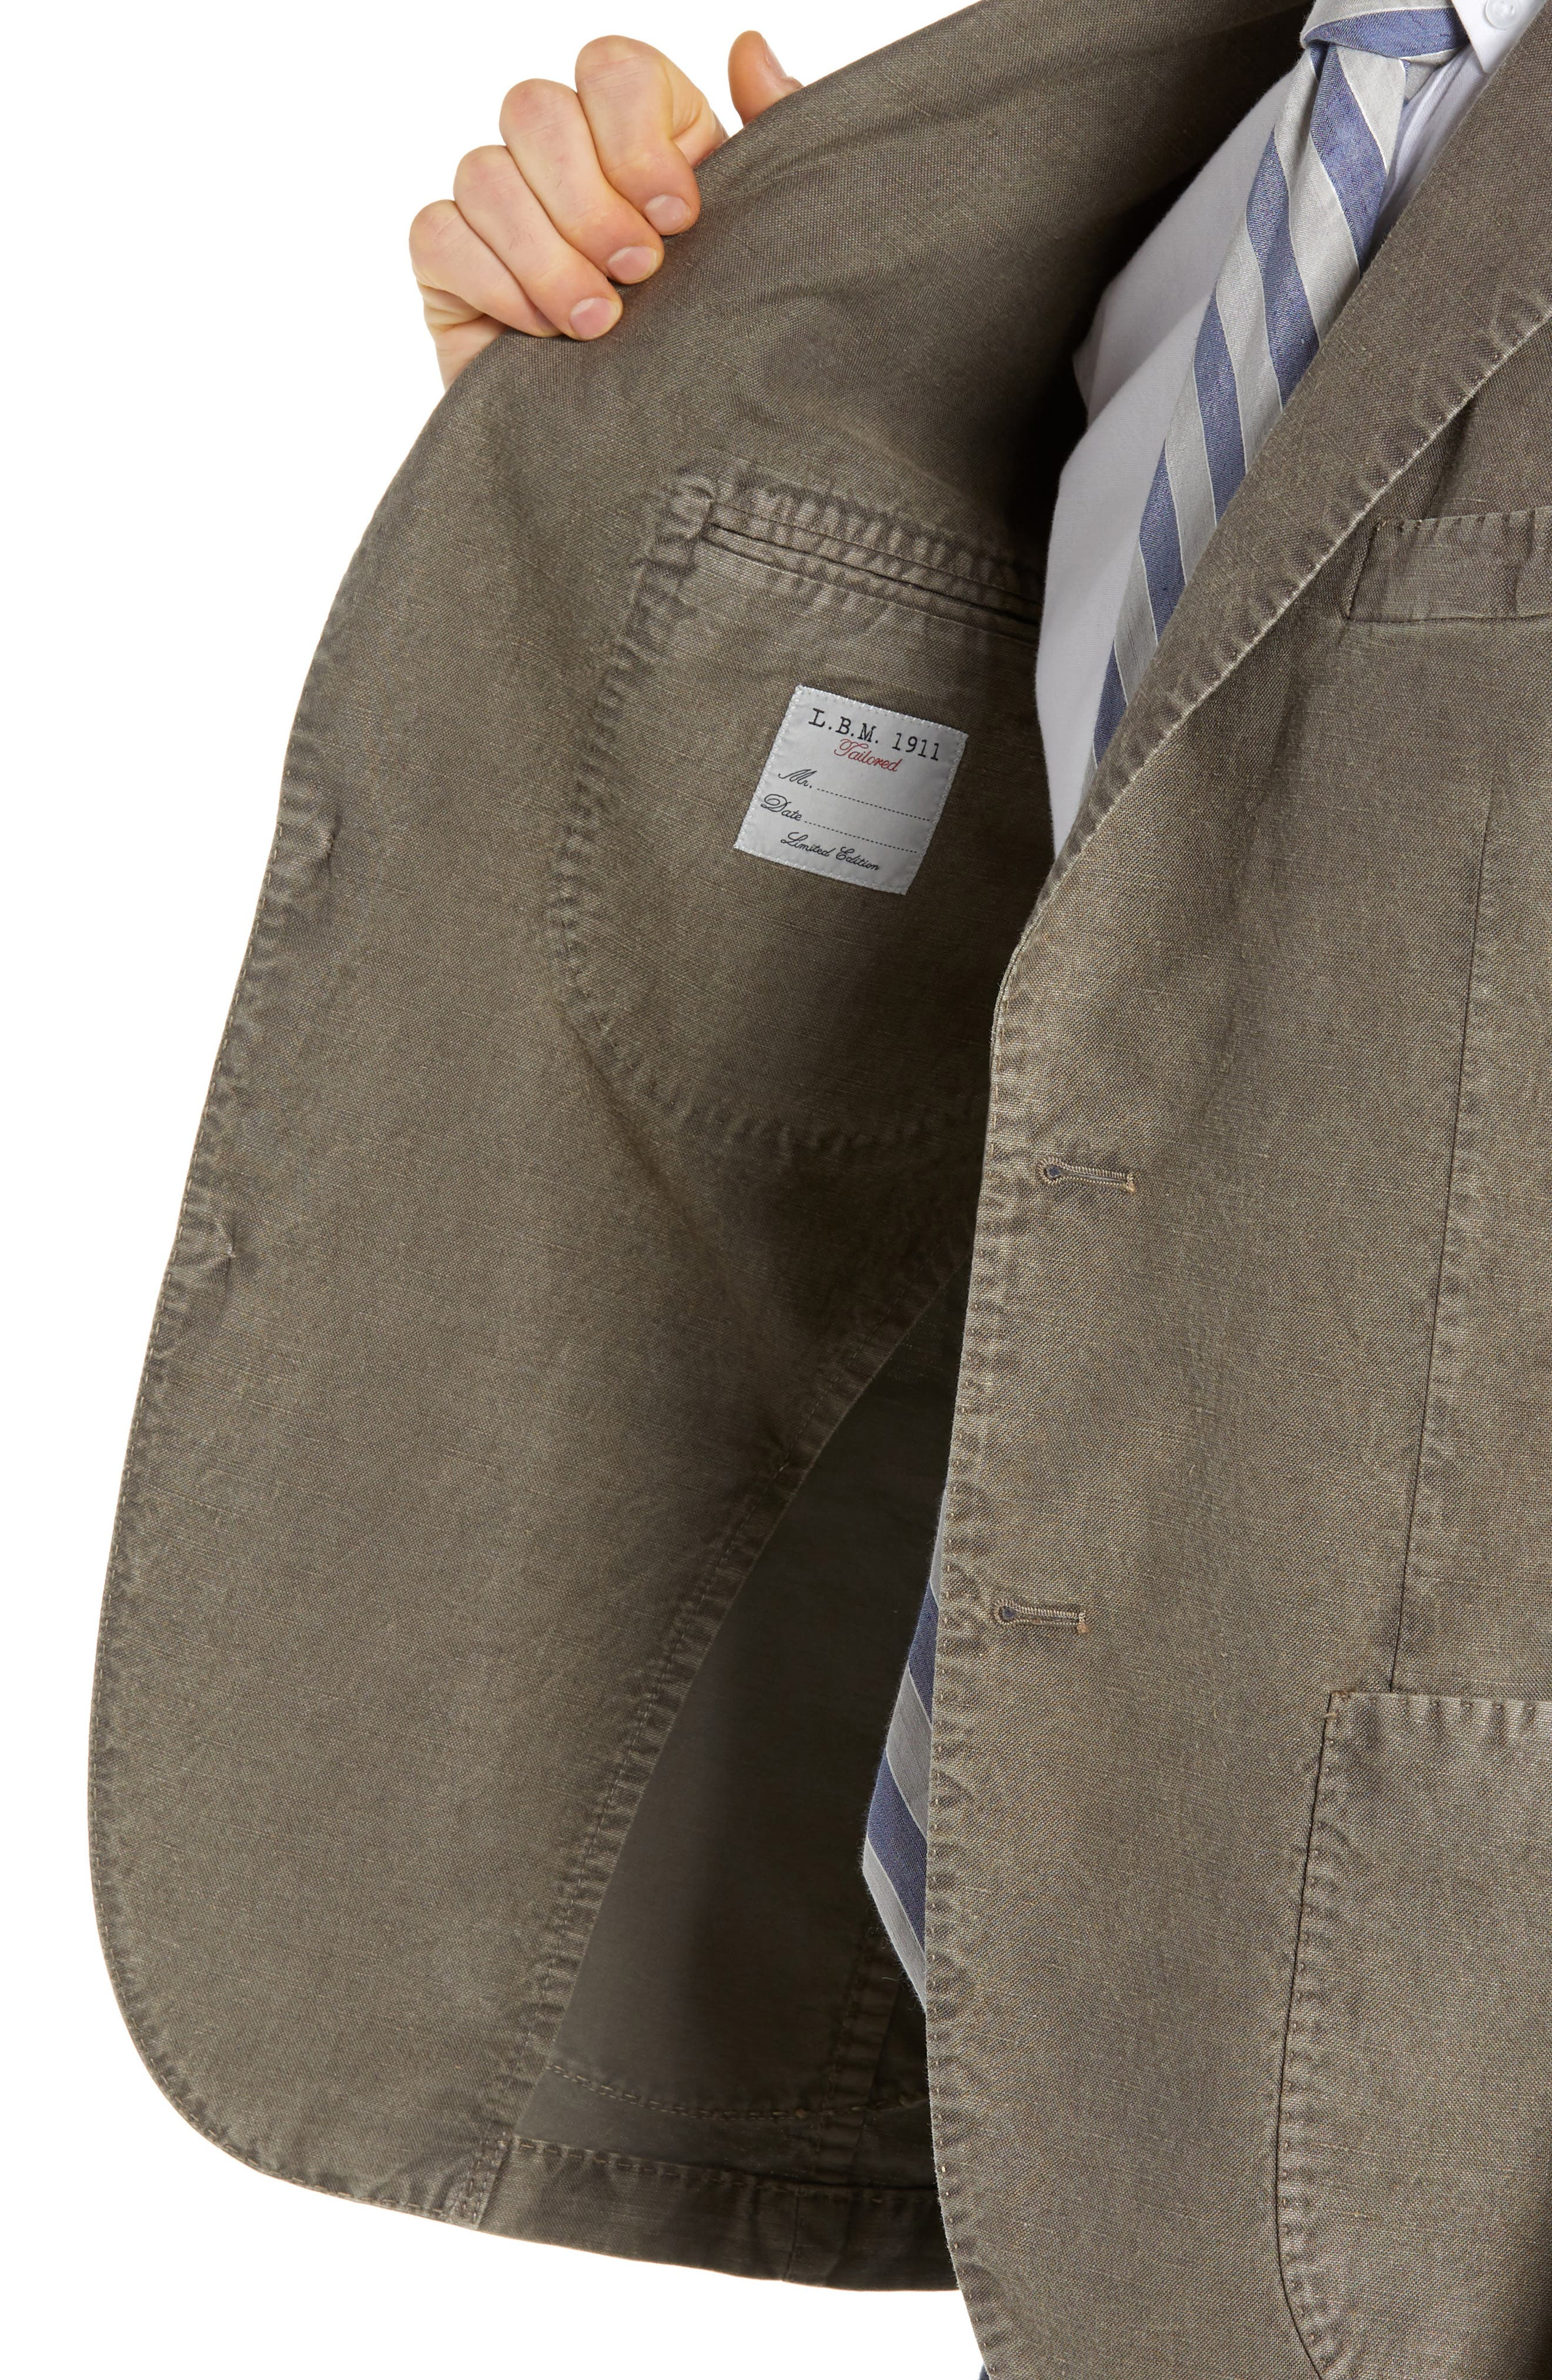 L.B.M. 1911, Lubiam Trim Fit Solid Cotton & Linen Sport Coat, Alternate thumbnail 4, color, MEDIUM BROWN